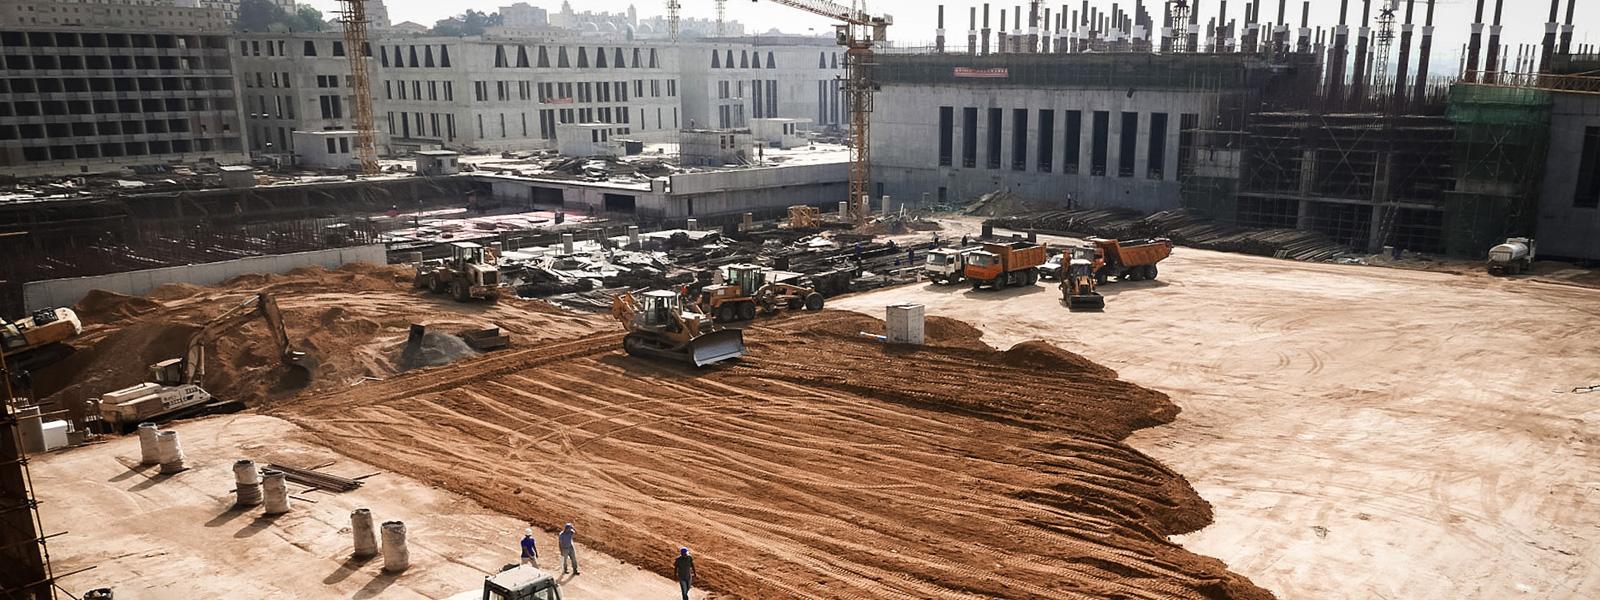 مشروع جامع الجزائر الأعظم: إعطاء إشارة إنطلاق أشغال الإنجاز - صفحة 9 03